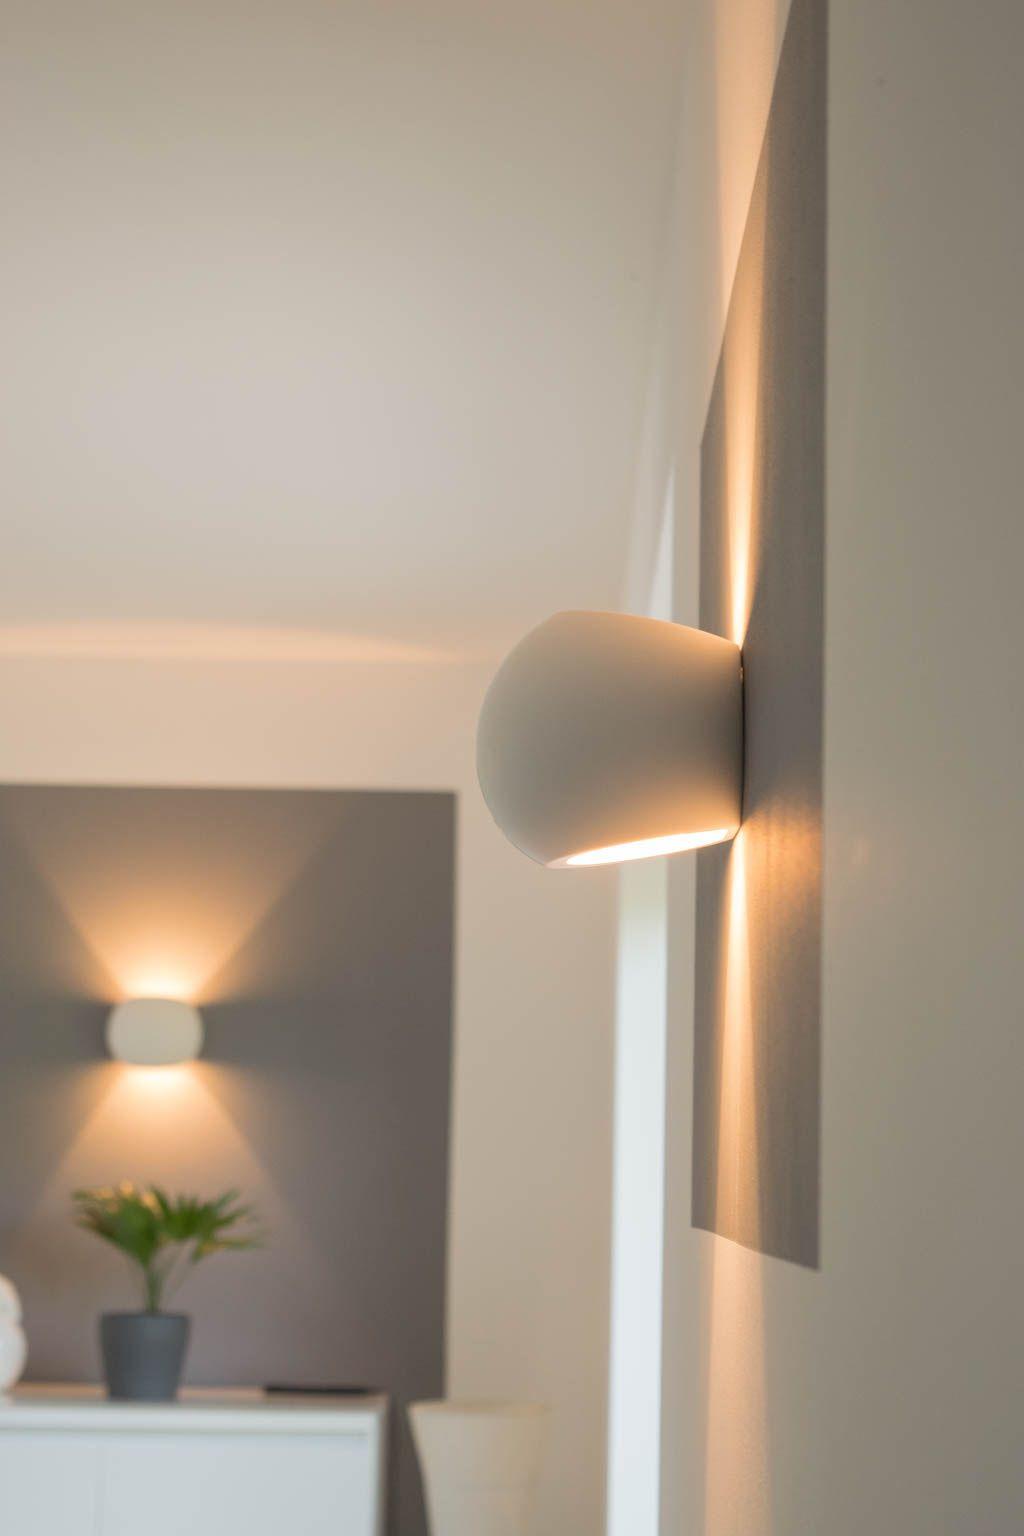 Dimmbare Led Wandlampen Unsere Wandleuchten Furs Wohnzimmer Wandlampen Wandleuchte Wohnzimmer Wandleuchte